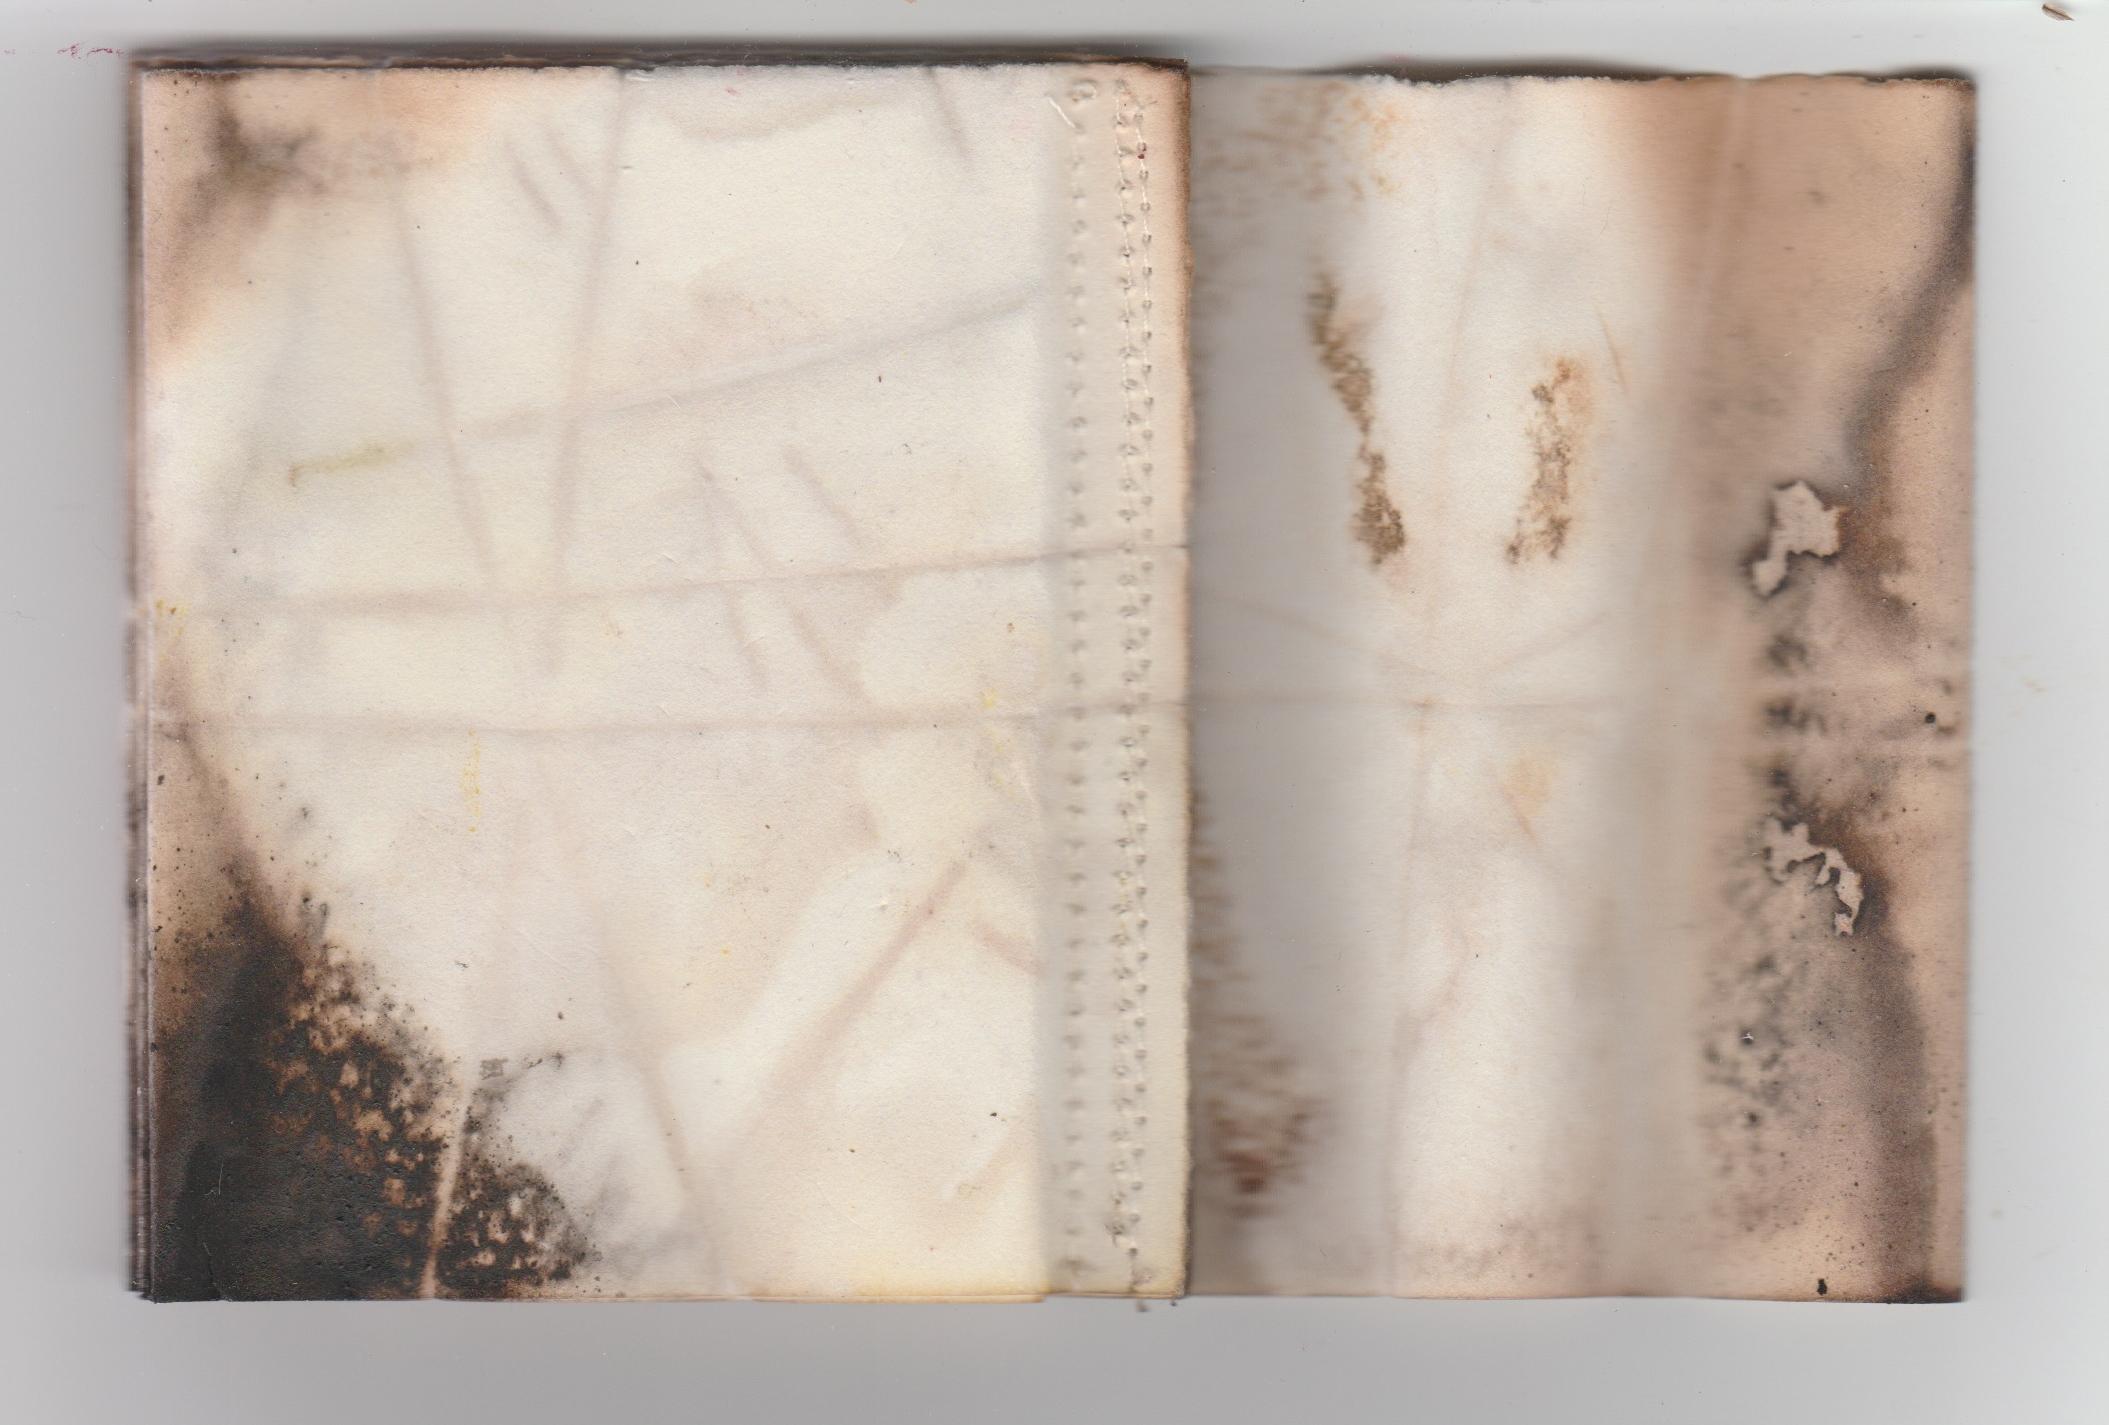 SMALL BOOK COVER SPREAD.jpeg